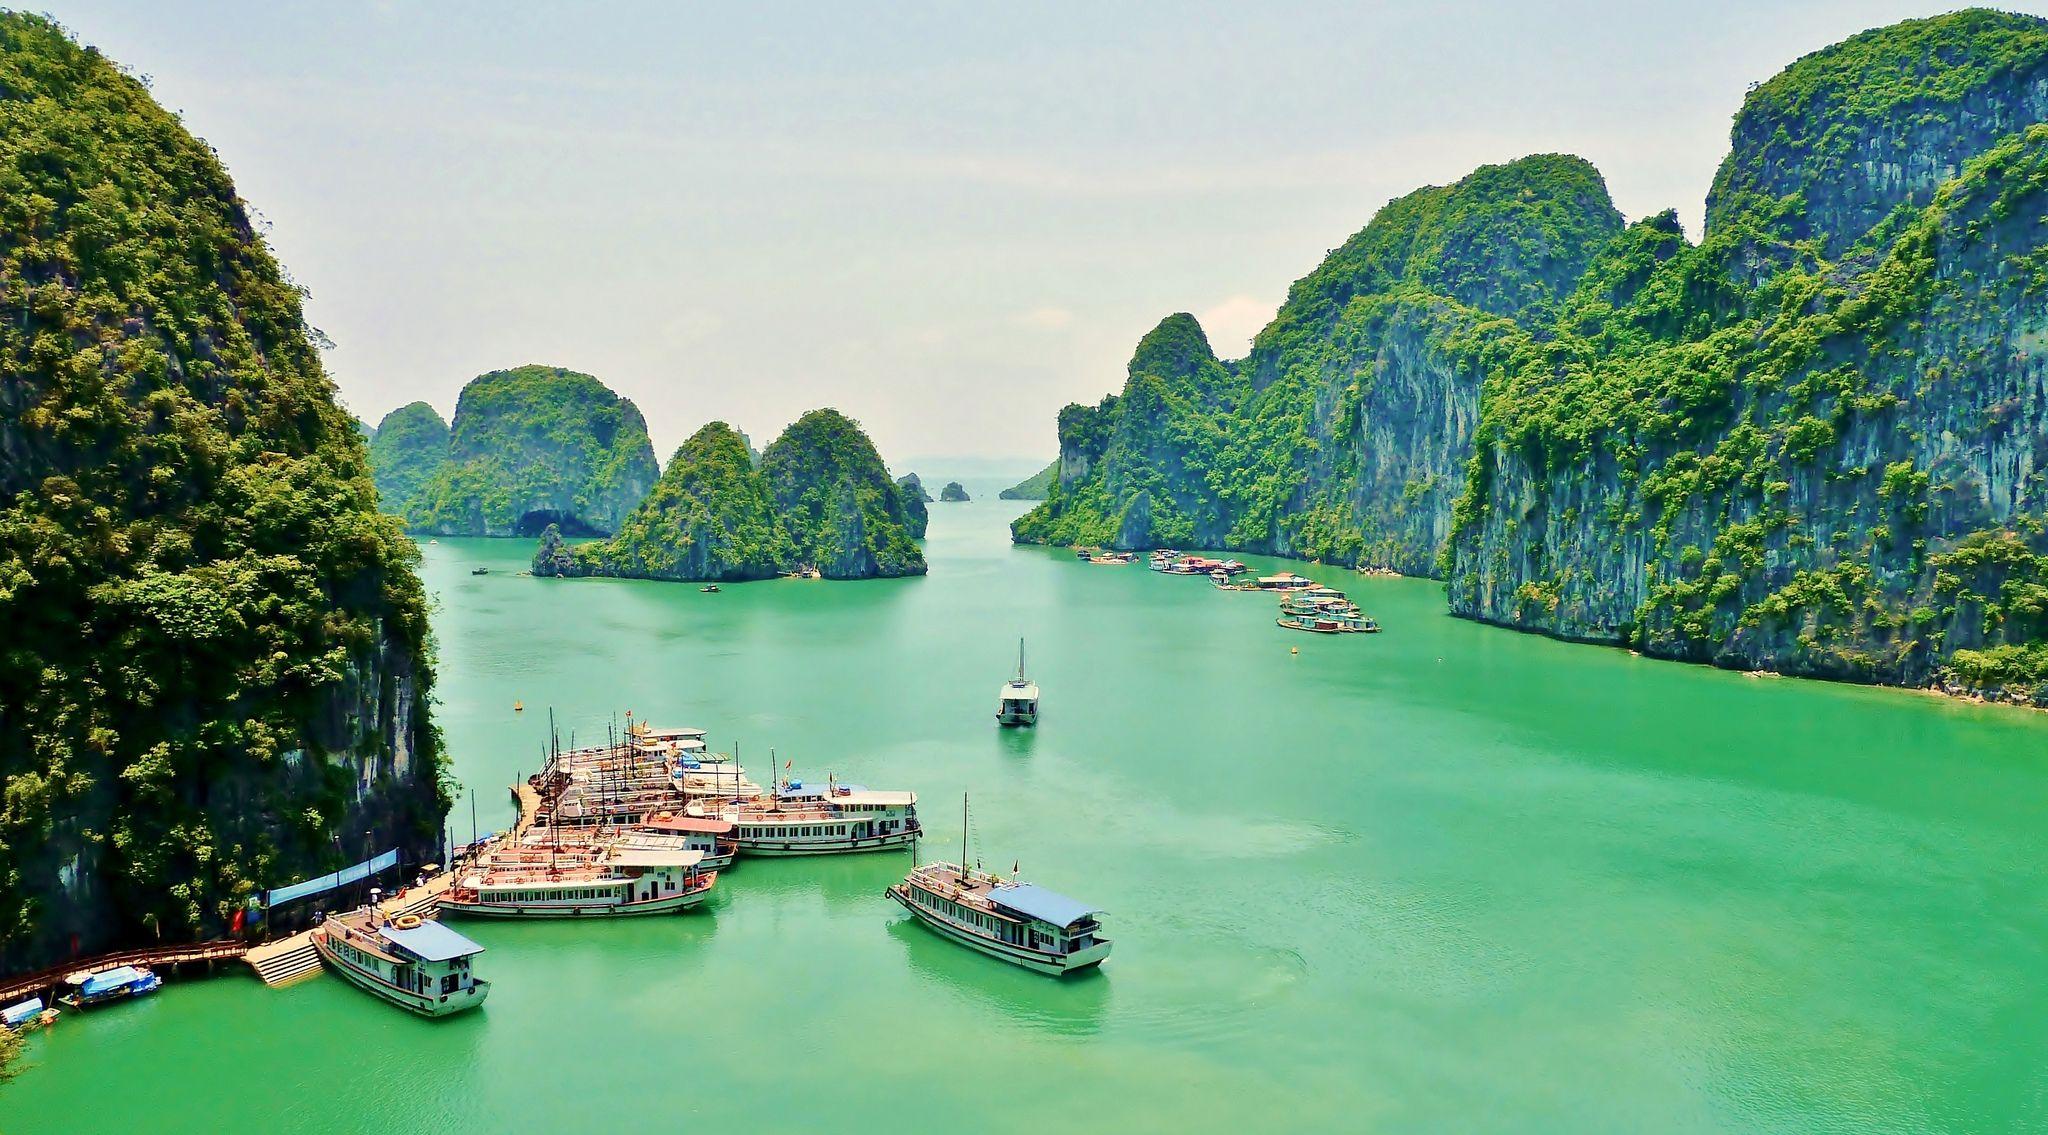 Vịnh Hạ Long Quảng Ninh Việt Nam Vinhhalong Travel Vietnam Tours Du Lịch Việt Nam